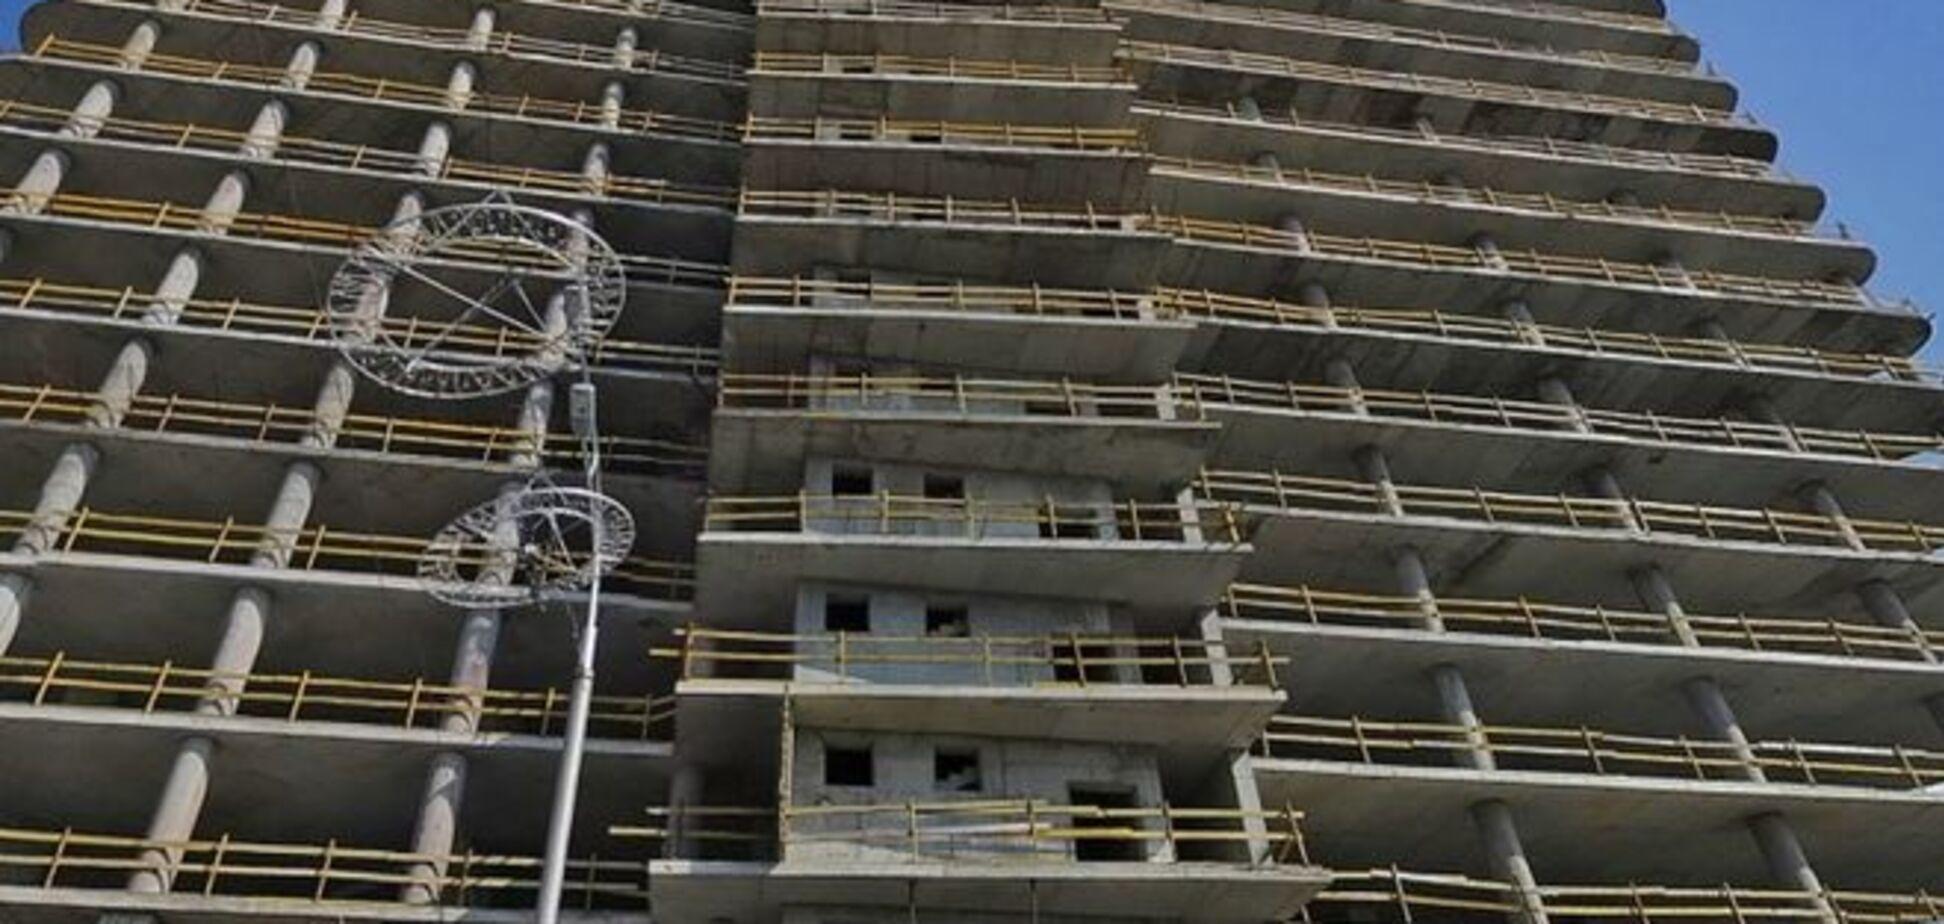 Депутаты хотят обмануть киевлян, купивших квартиры в столице - замглавы земельной комиссии Киевсовета